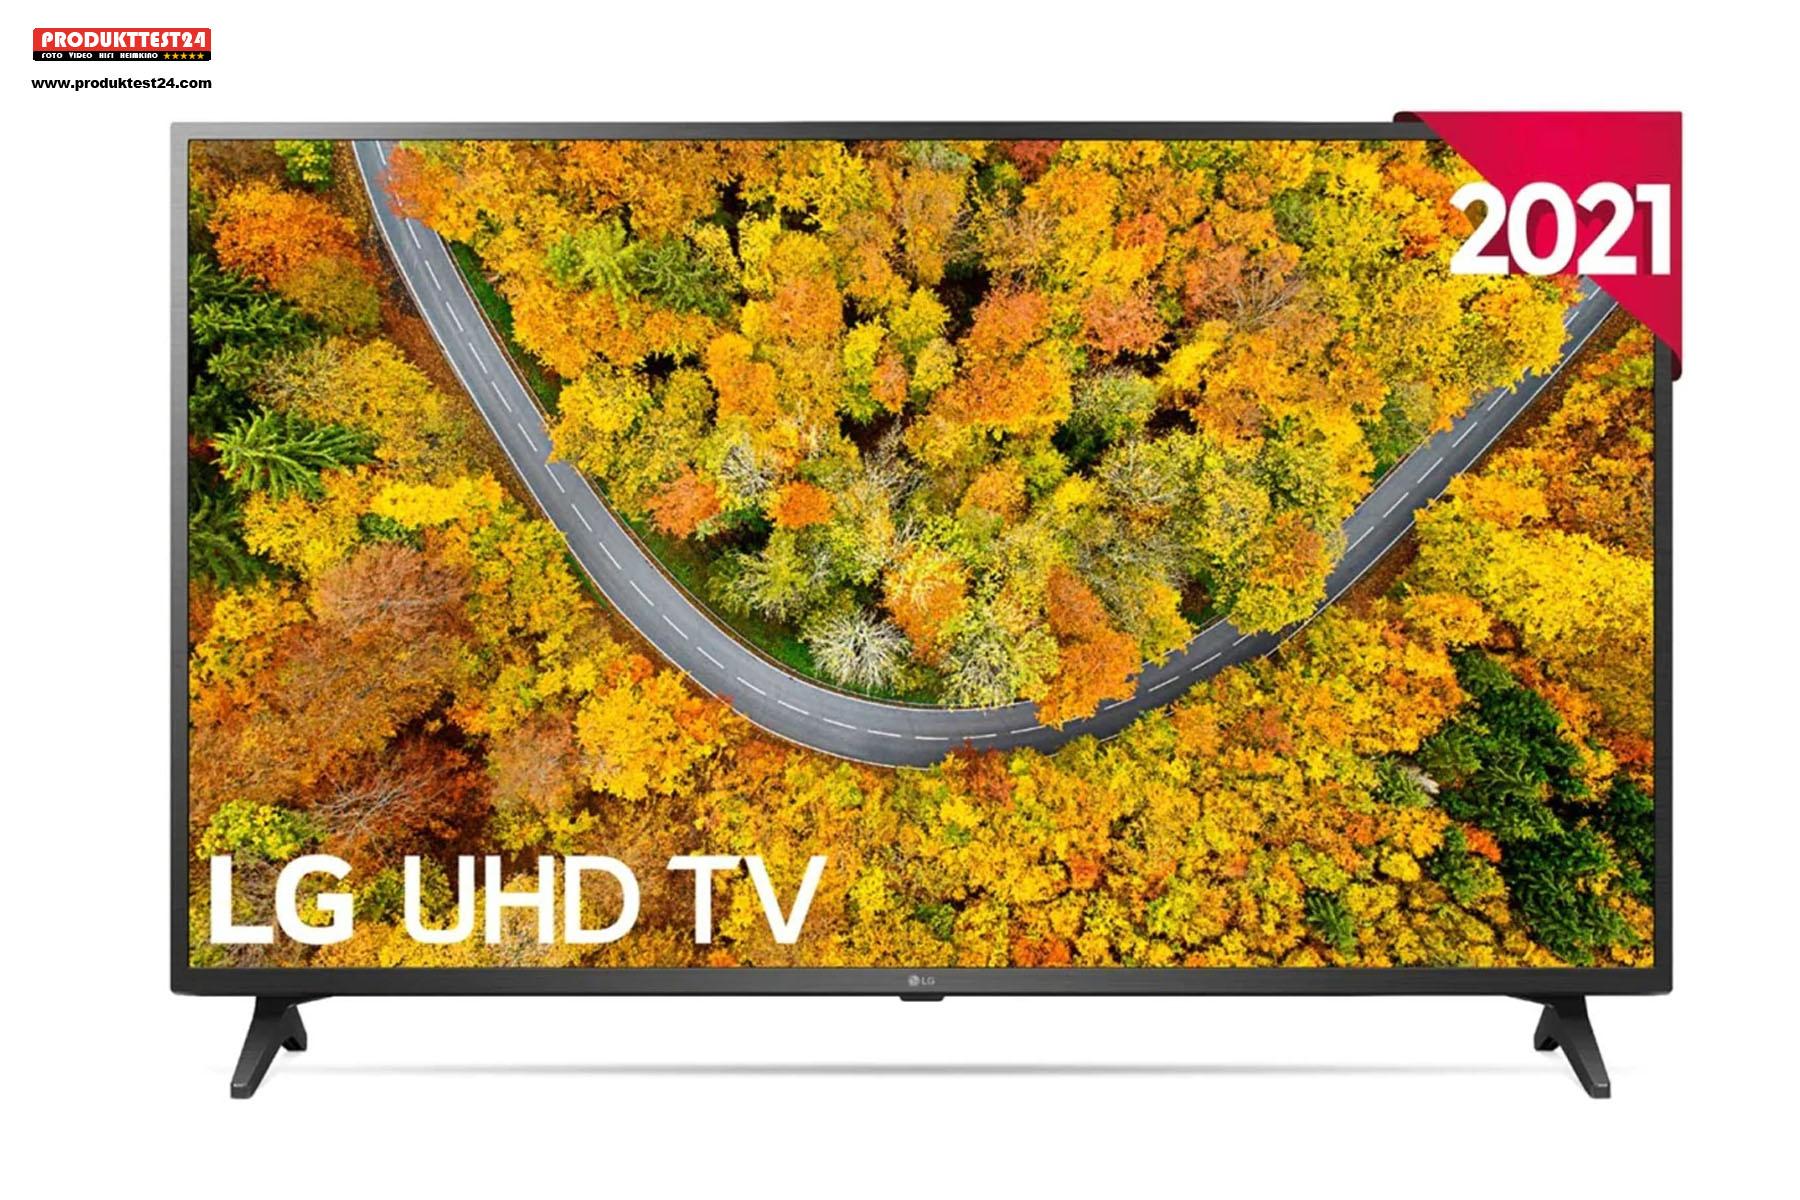 Ein 75 Zoll großer 4K-Fernseher für unter 1000 Euro